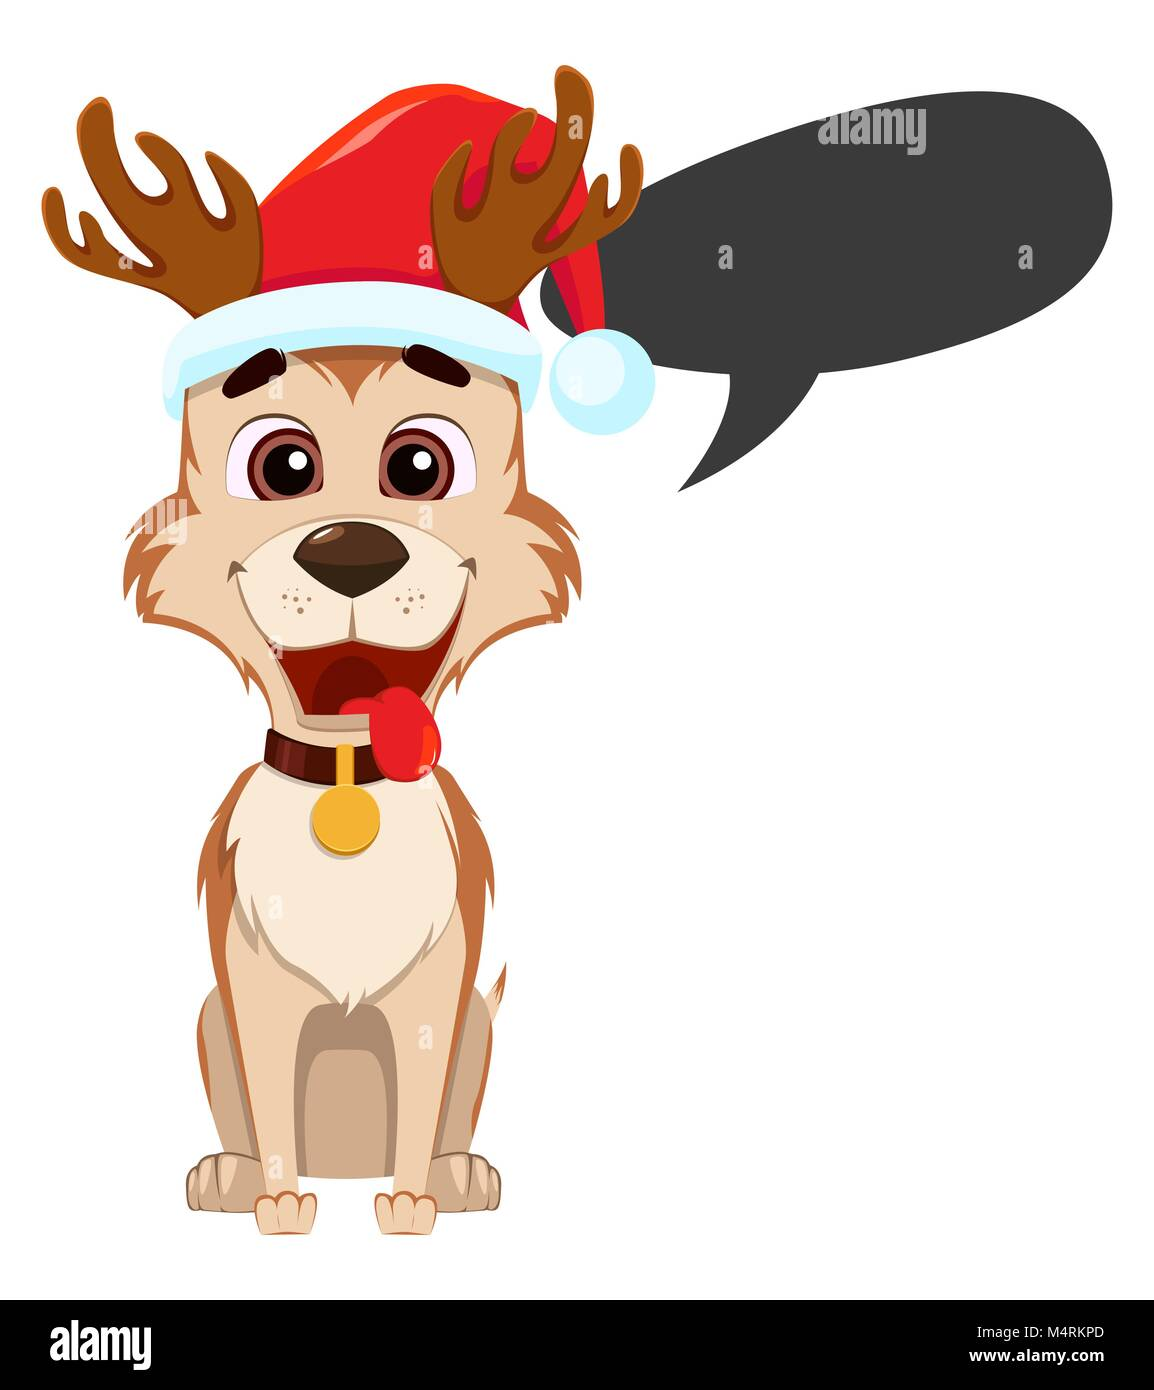 Lustig Frohe Weihnachten.Frohe Weihnachten Grusskarte Lustig Hund Tragen Santa Claus